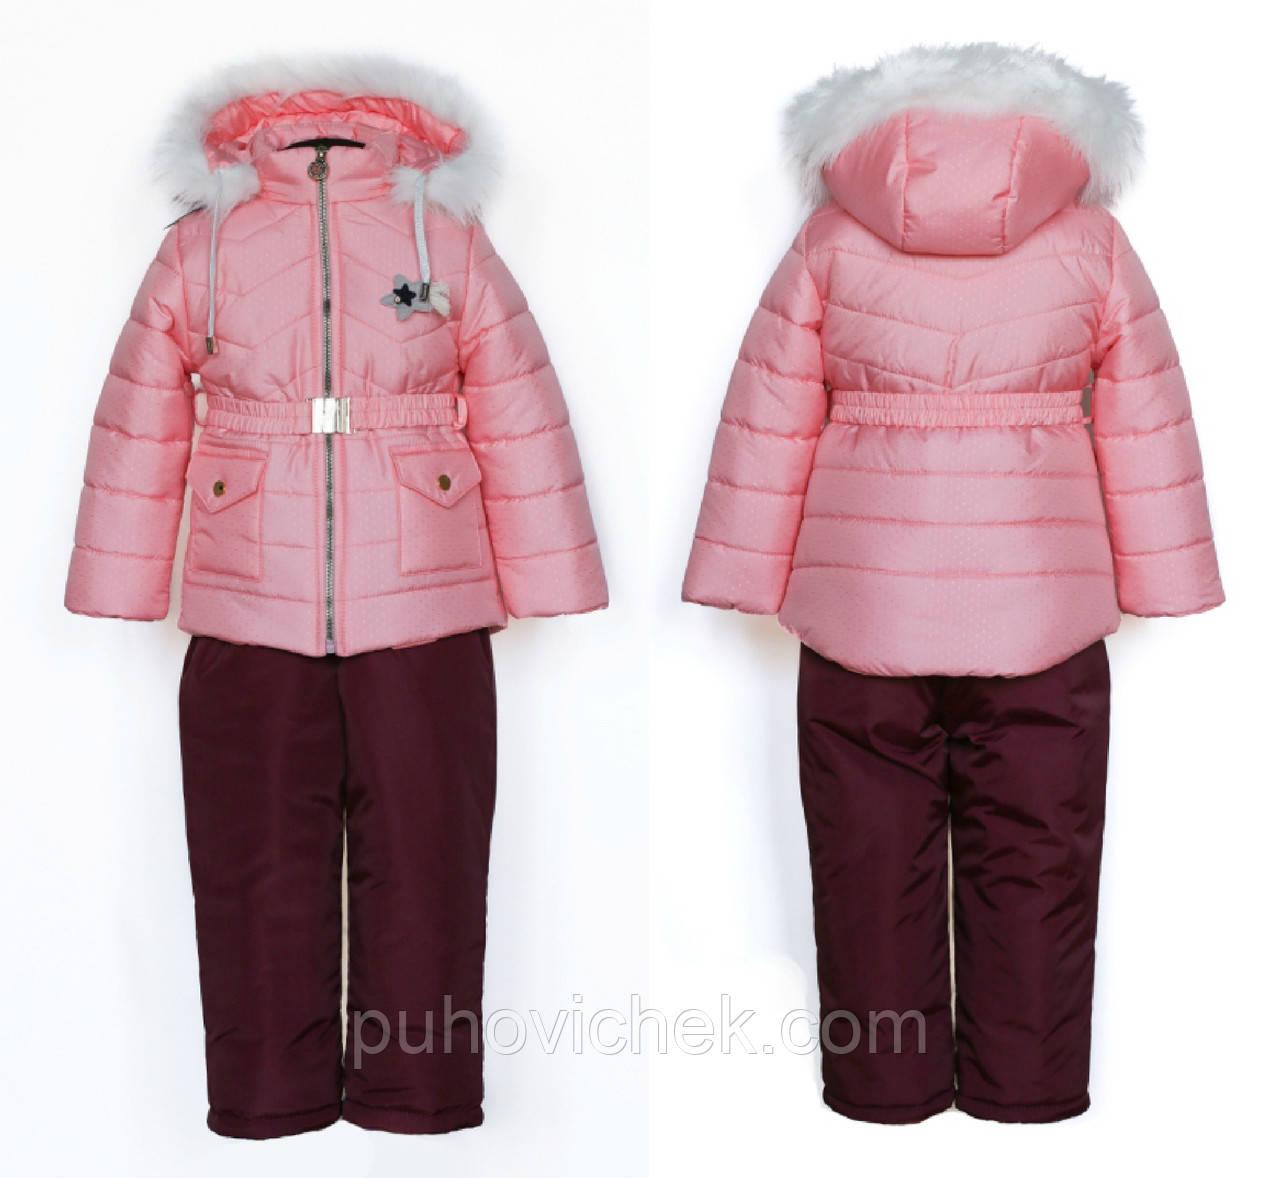 Детские зимние комбинезоны для девочек интернет магазин